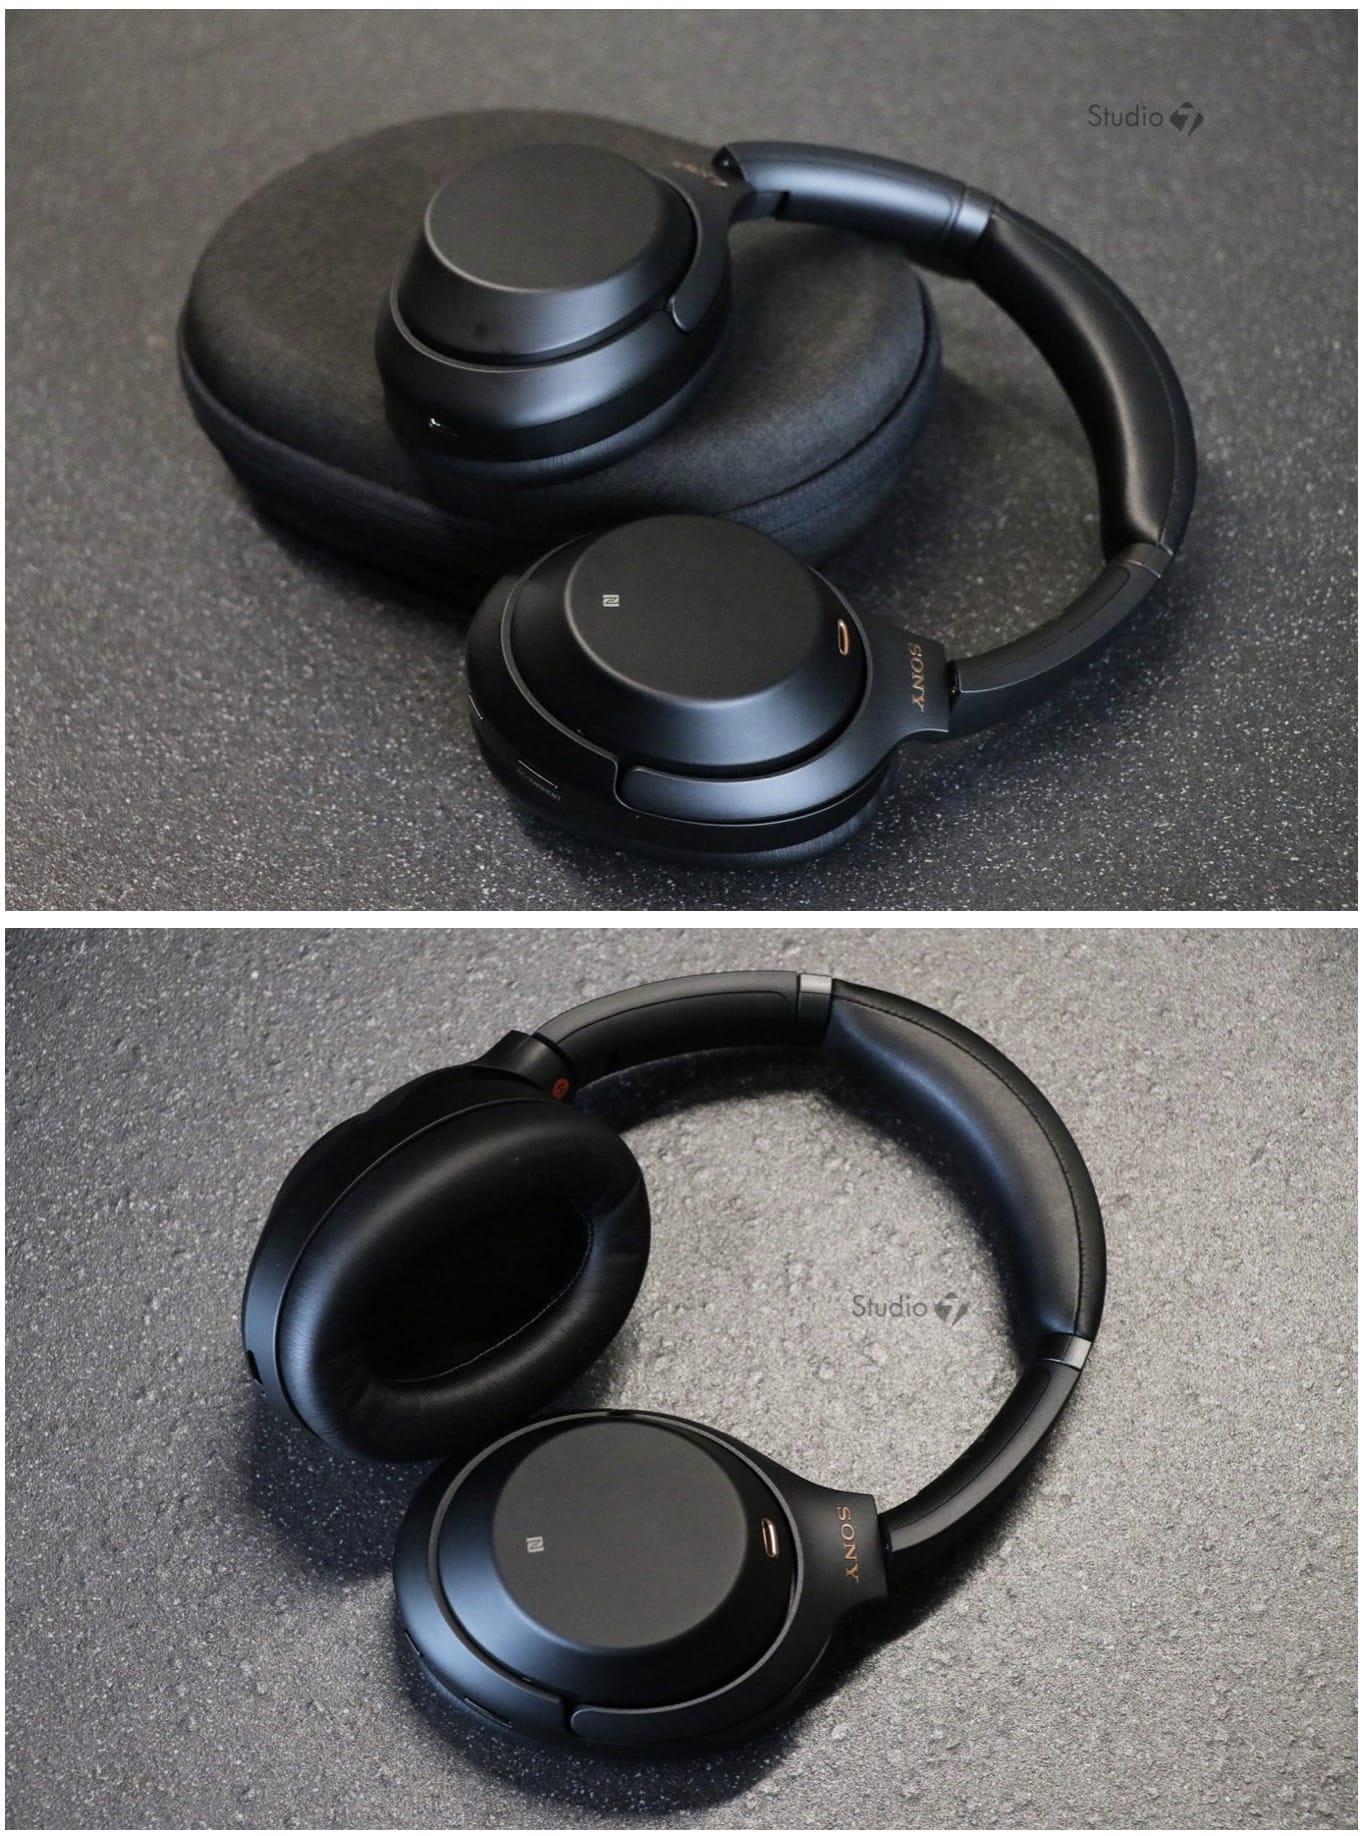 Sony Wh 1000xm3 02